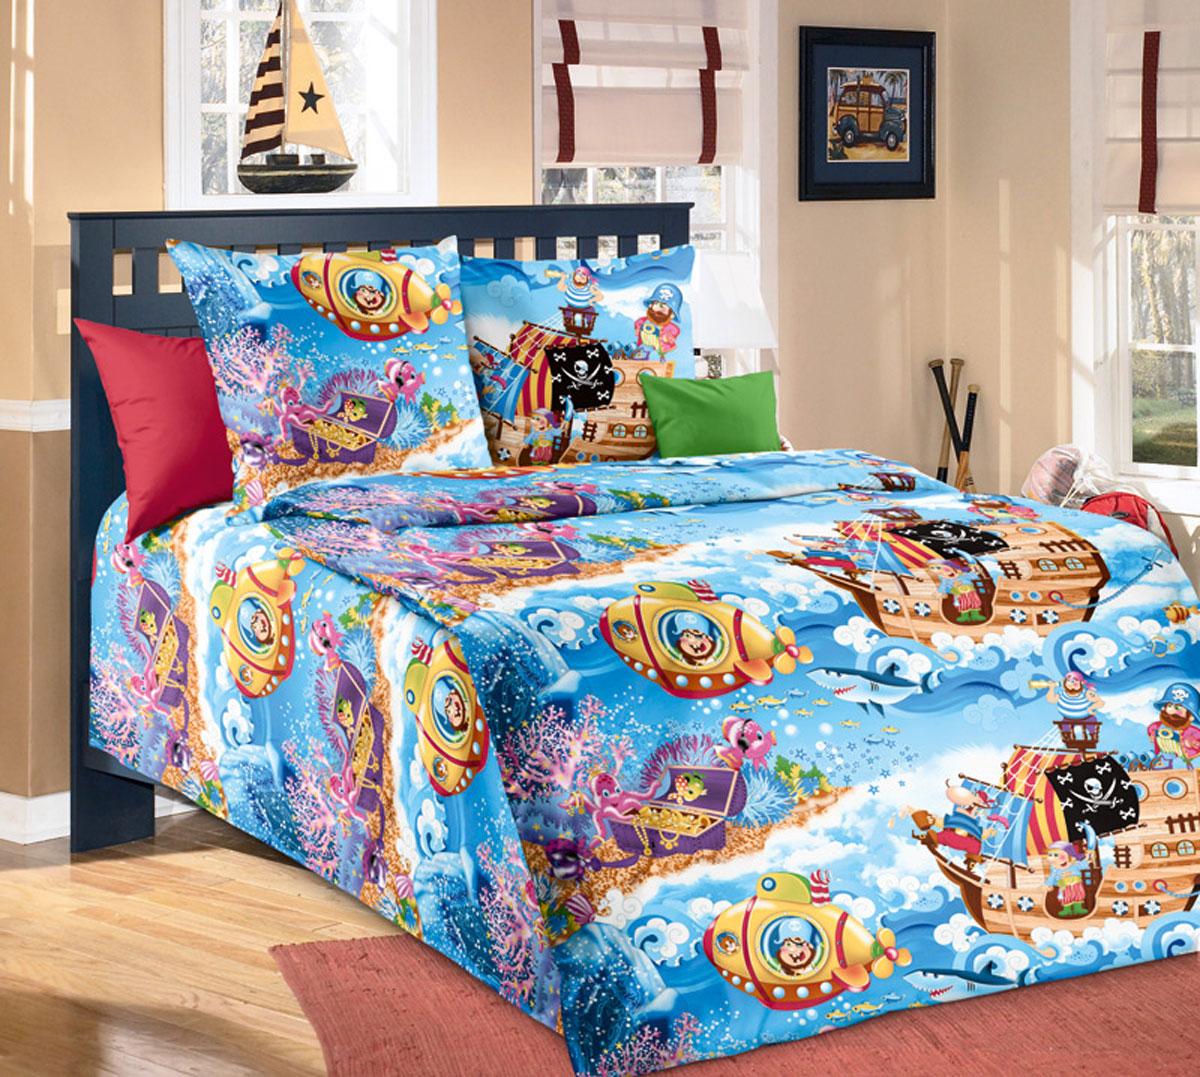 ТексДизайн Комплект детского постельного белья Пираты 1,5-спальный1100АКомплект детского постельного белья Пираты, состоящий из двух наволочек, простыни и пододеяльника, выполнен из прочной бязи. Комплект постельного белья украшен изображениями веселых пиратов, сокровищ и морских обитателей. Сегодня компания Текс-Дизайн является крупнейшим поставщиком эксклюзивной набивной бязи. Вся ткань изготовлена из 100% хлопка. Бязь - хлопчатобумажная плотная ткань полотняного переплетения. Отличается прочностью и стойкостью к многочисленным стиркам. Бязь считается одной из наиболее подходящих тканей, для производства постельного белья и пользуется в России большим спросом. Фирменная продукция отличается оригинальным дизайном, высокой прочностью и долговечностью. Такой комплект идеально подойдет для кроватки вашего малыша. На нем ребенок будет спать здоровым и крепким сном.